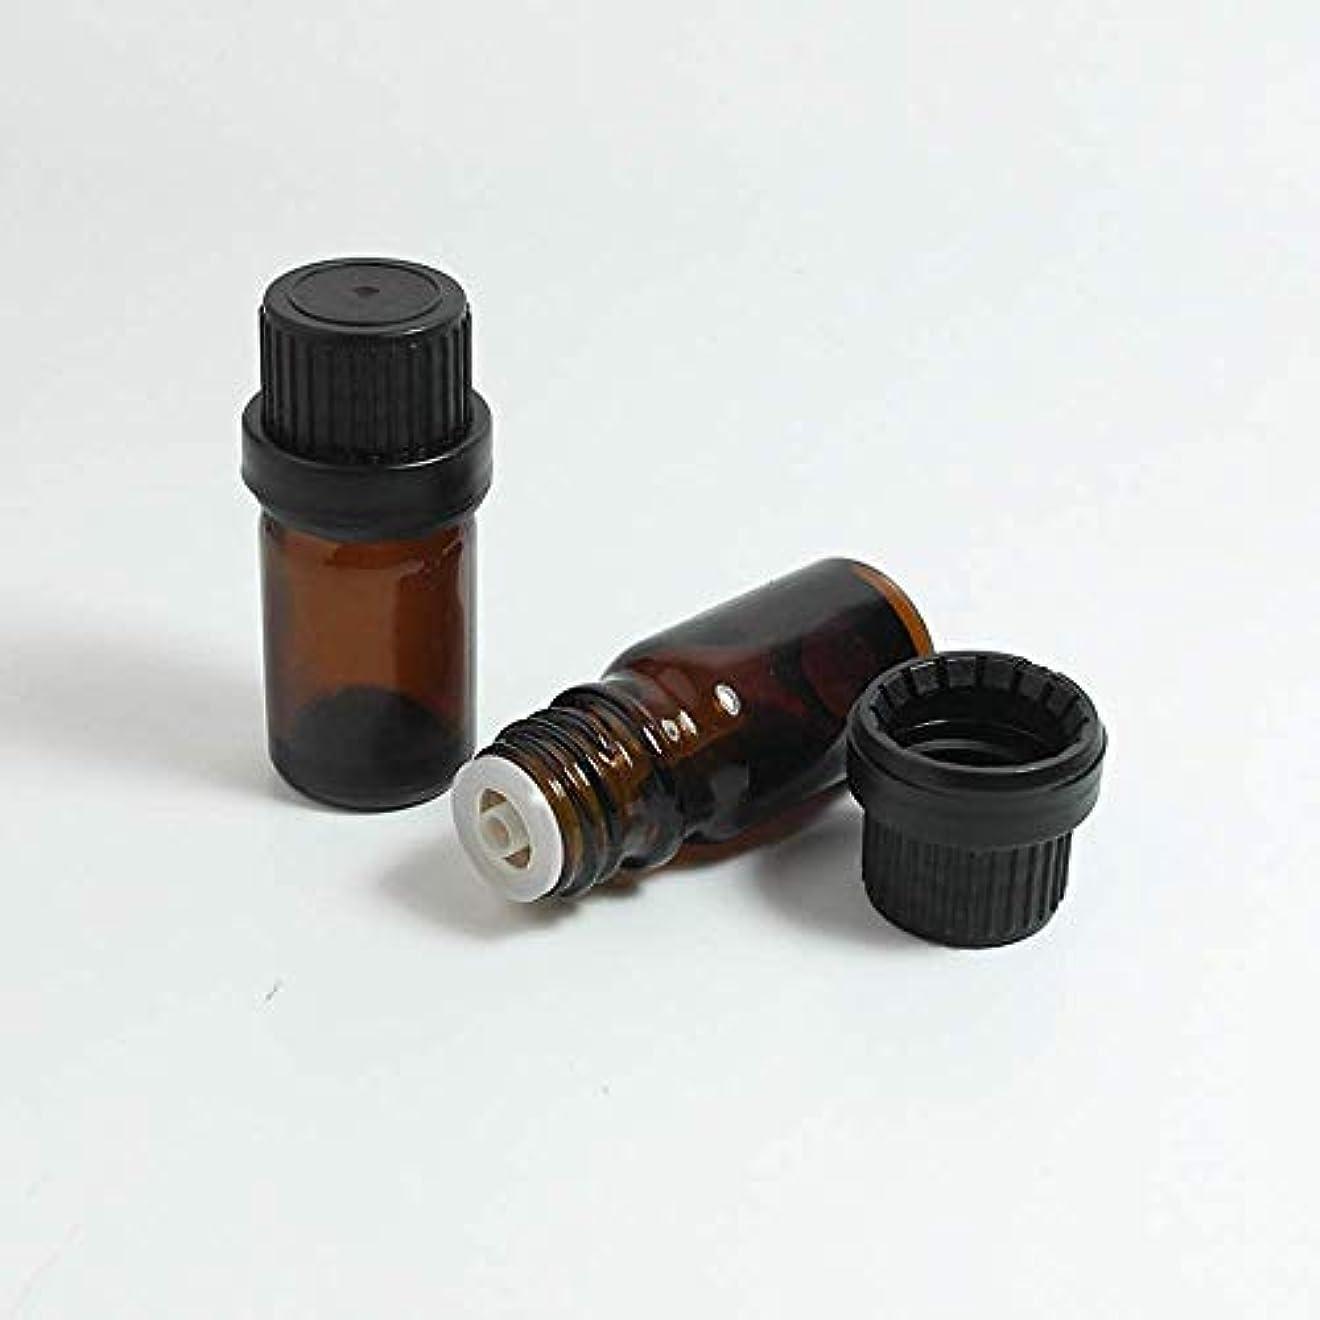 洞察力のある故障背景Simg アロマオイル 精油 遮光瓶 セット ガラス製 エッセンシャルオイル 保存用 保存容器詰め替え 茶色 10ml 5本セット